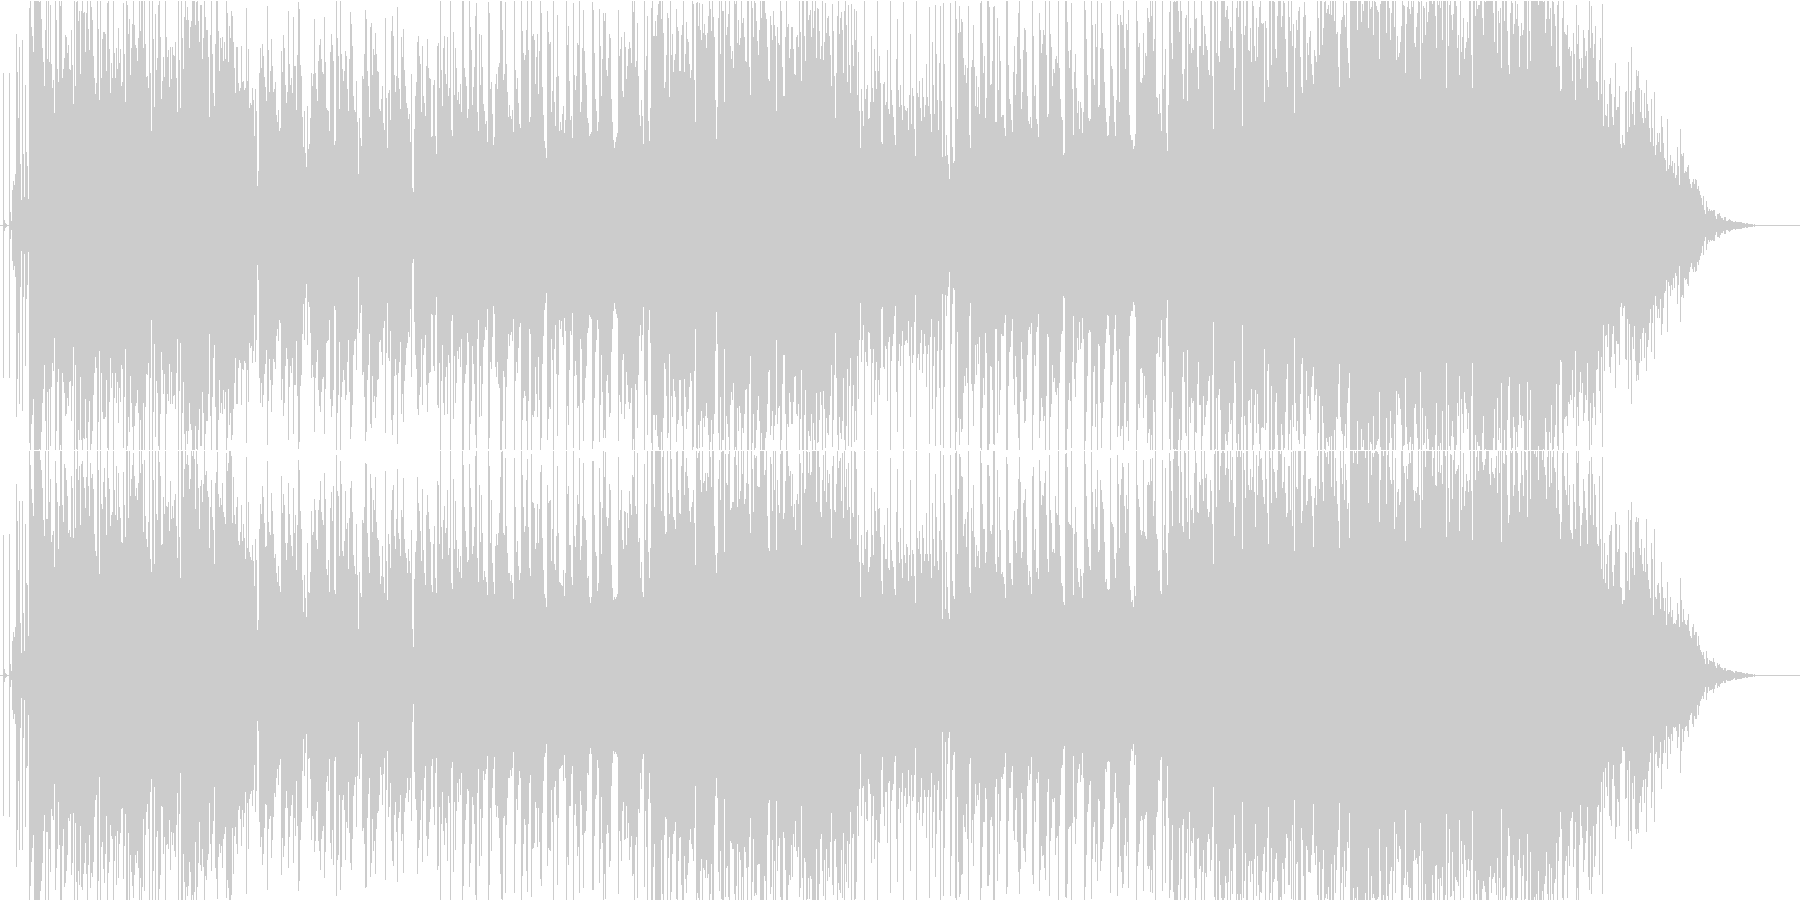 スローでメロディクなロックギターインストの未再生の波形